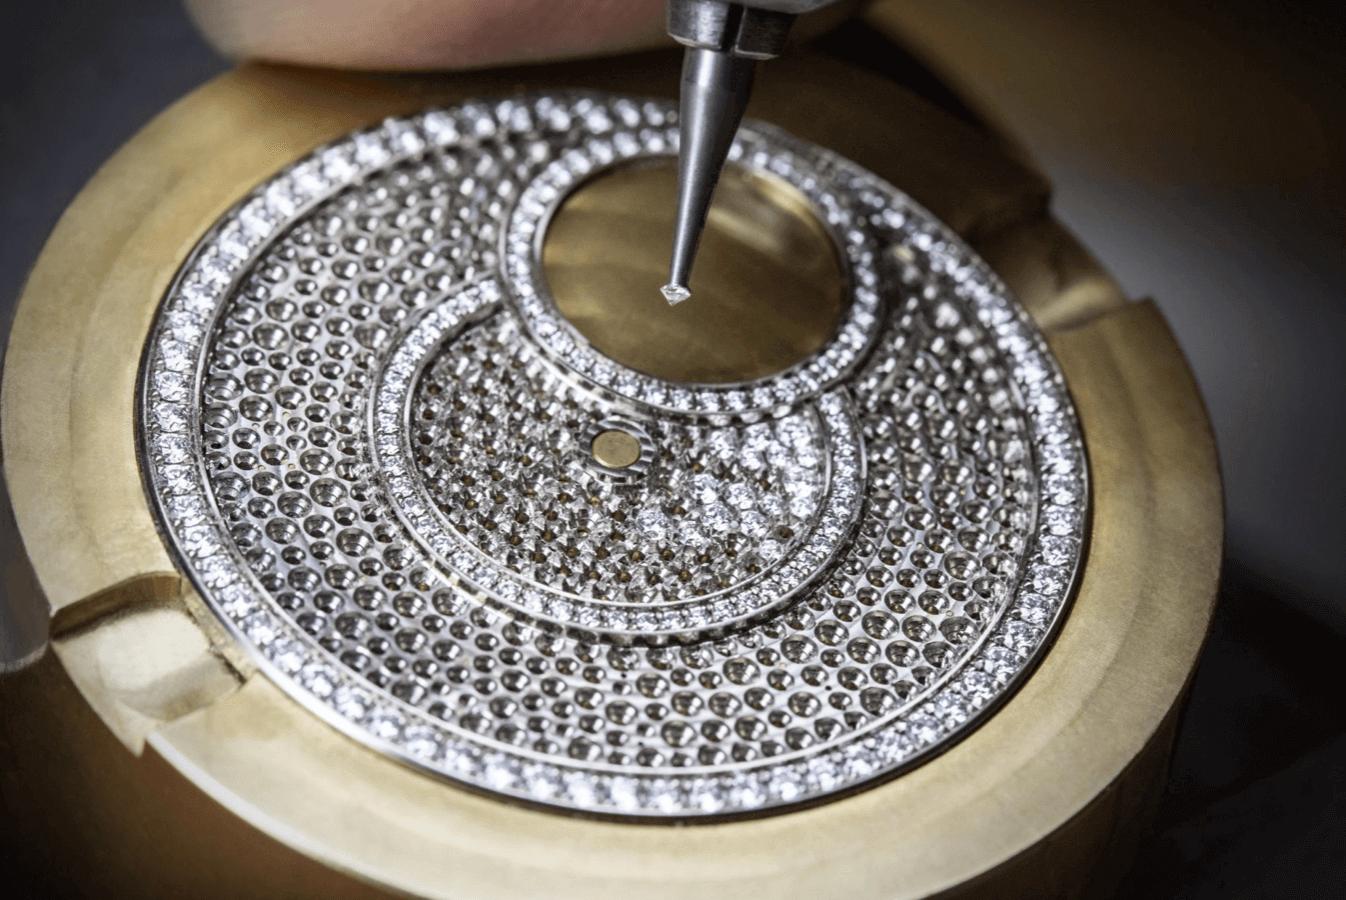 Vacheron Constantin mücevher saat tasarımı